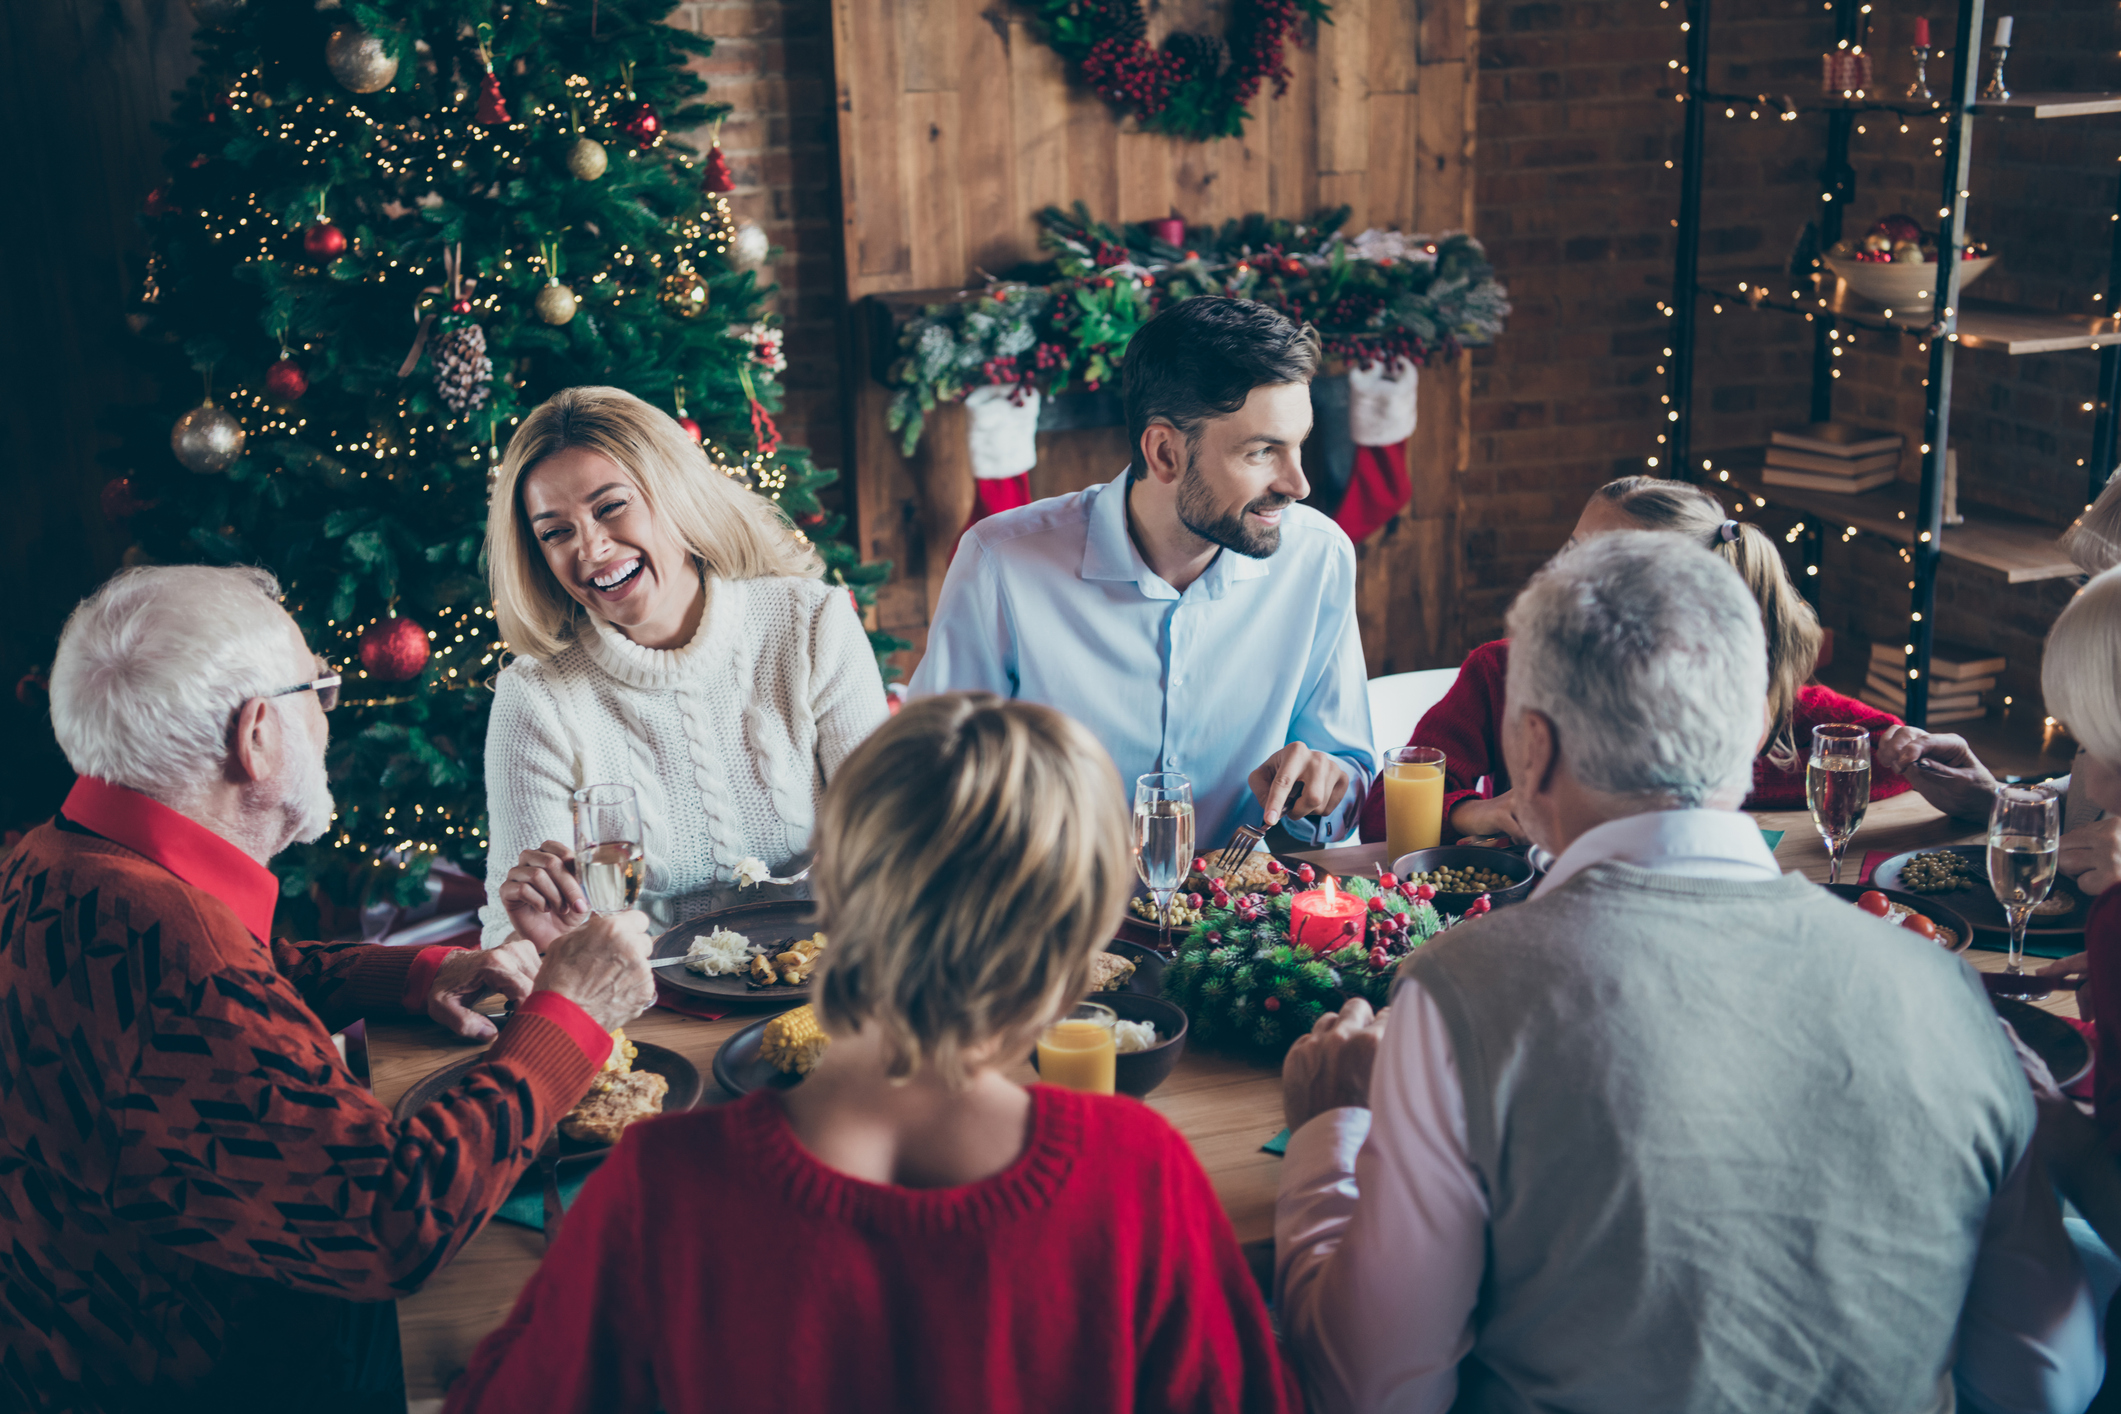 Harsche Kritik: Weihnachts-Beschränkungen verspielen Vertrauen der Menschen